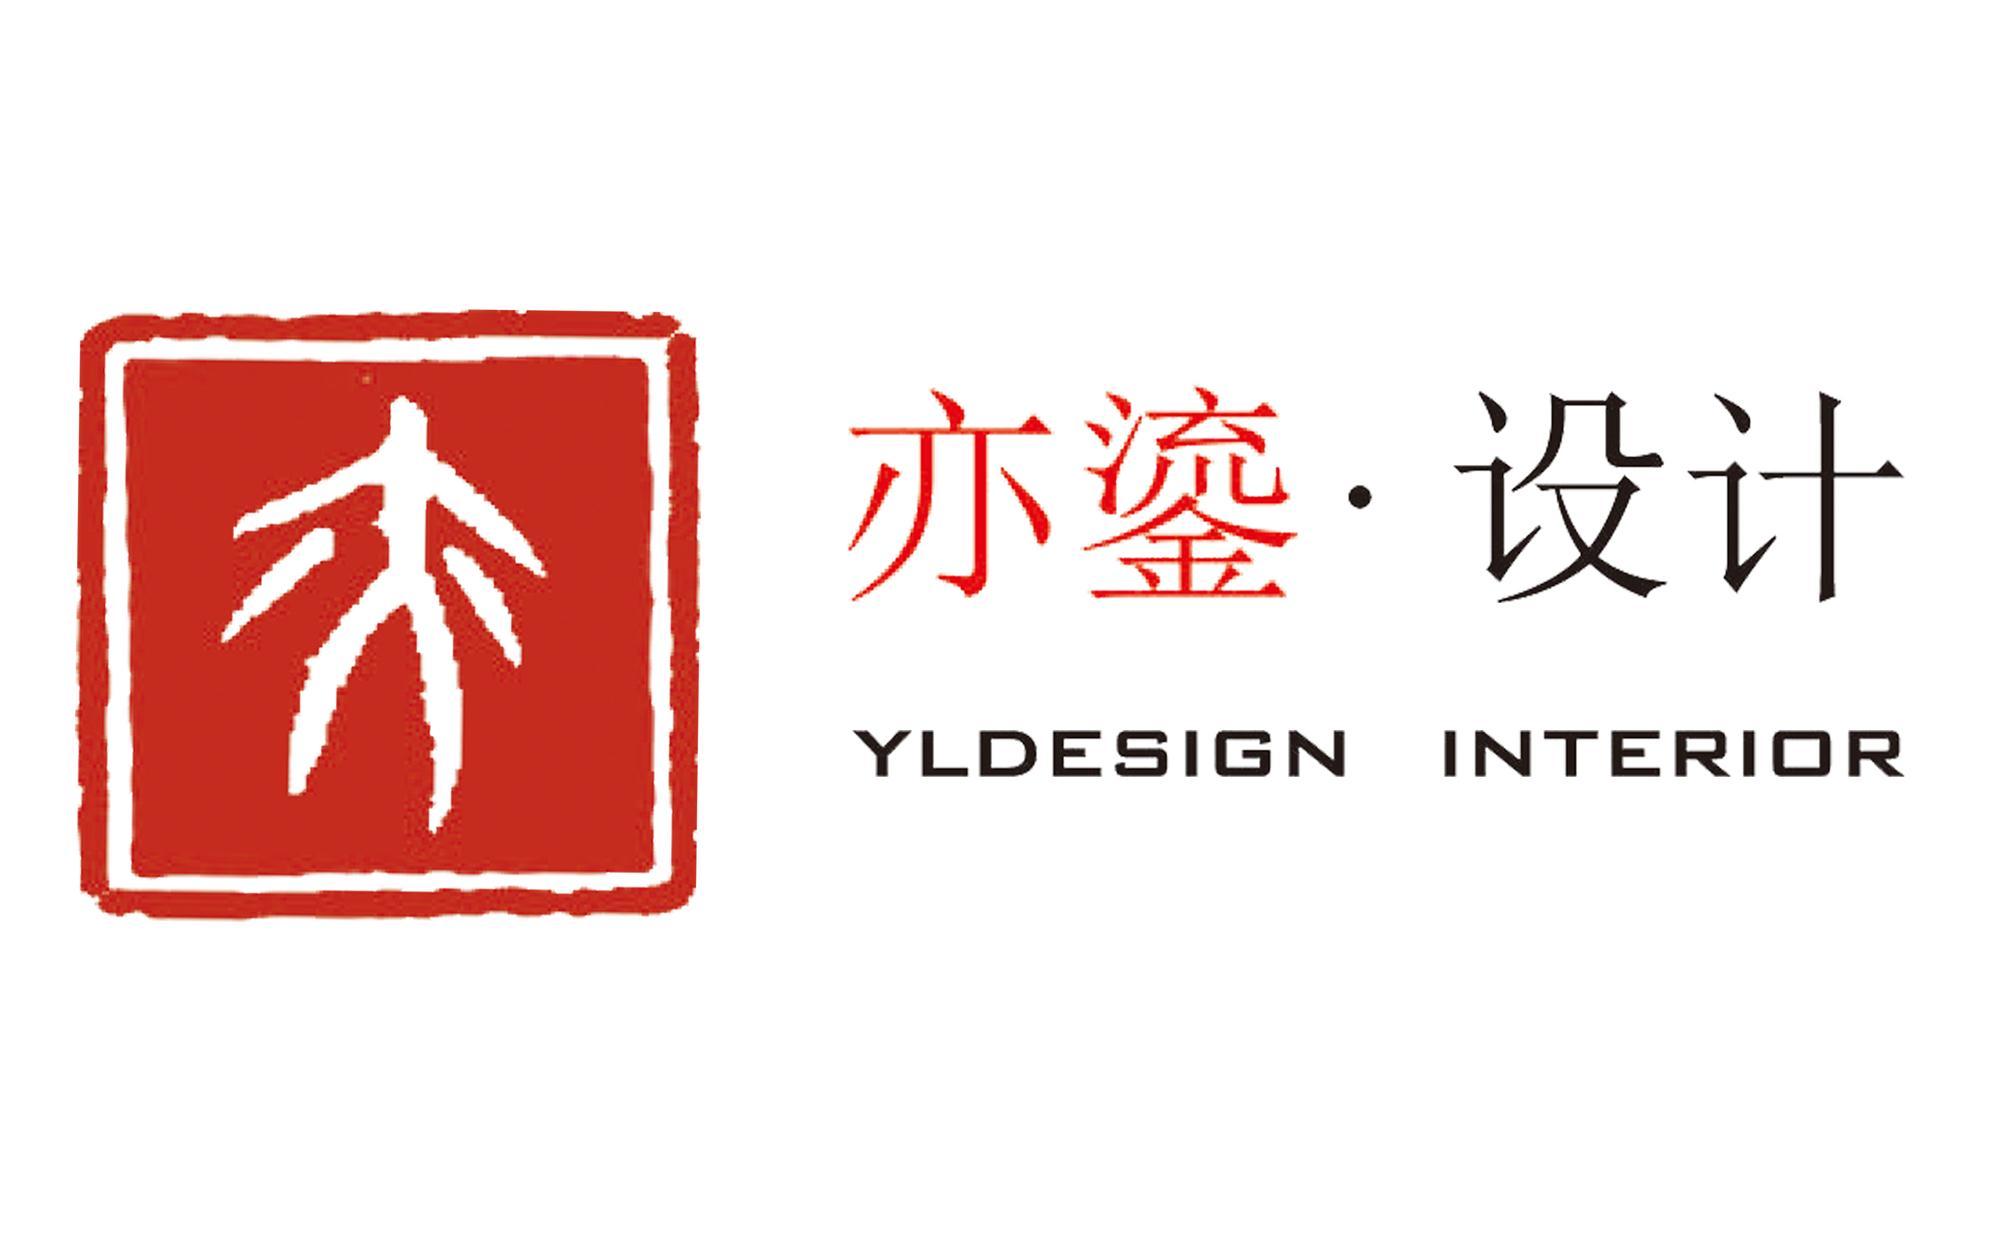 重庆亦鎏装饰设计工程有限公司